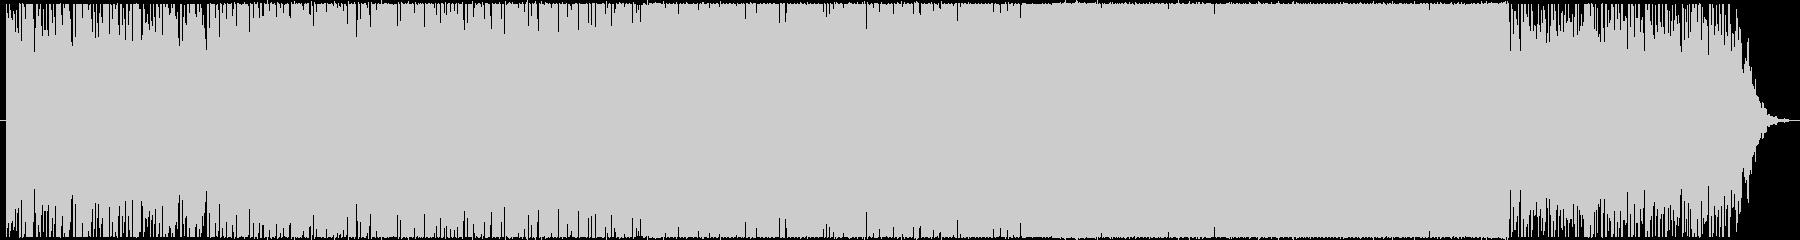 ピアノフレーズから展開するポップスBGMの未再生の波形